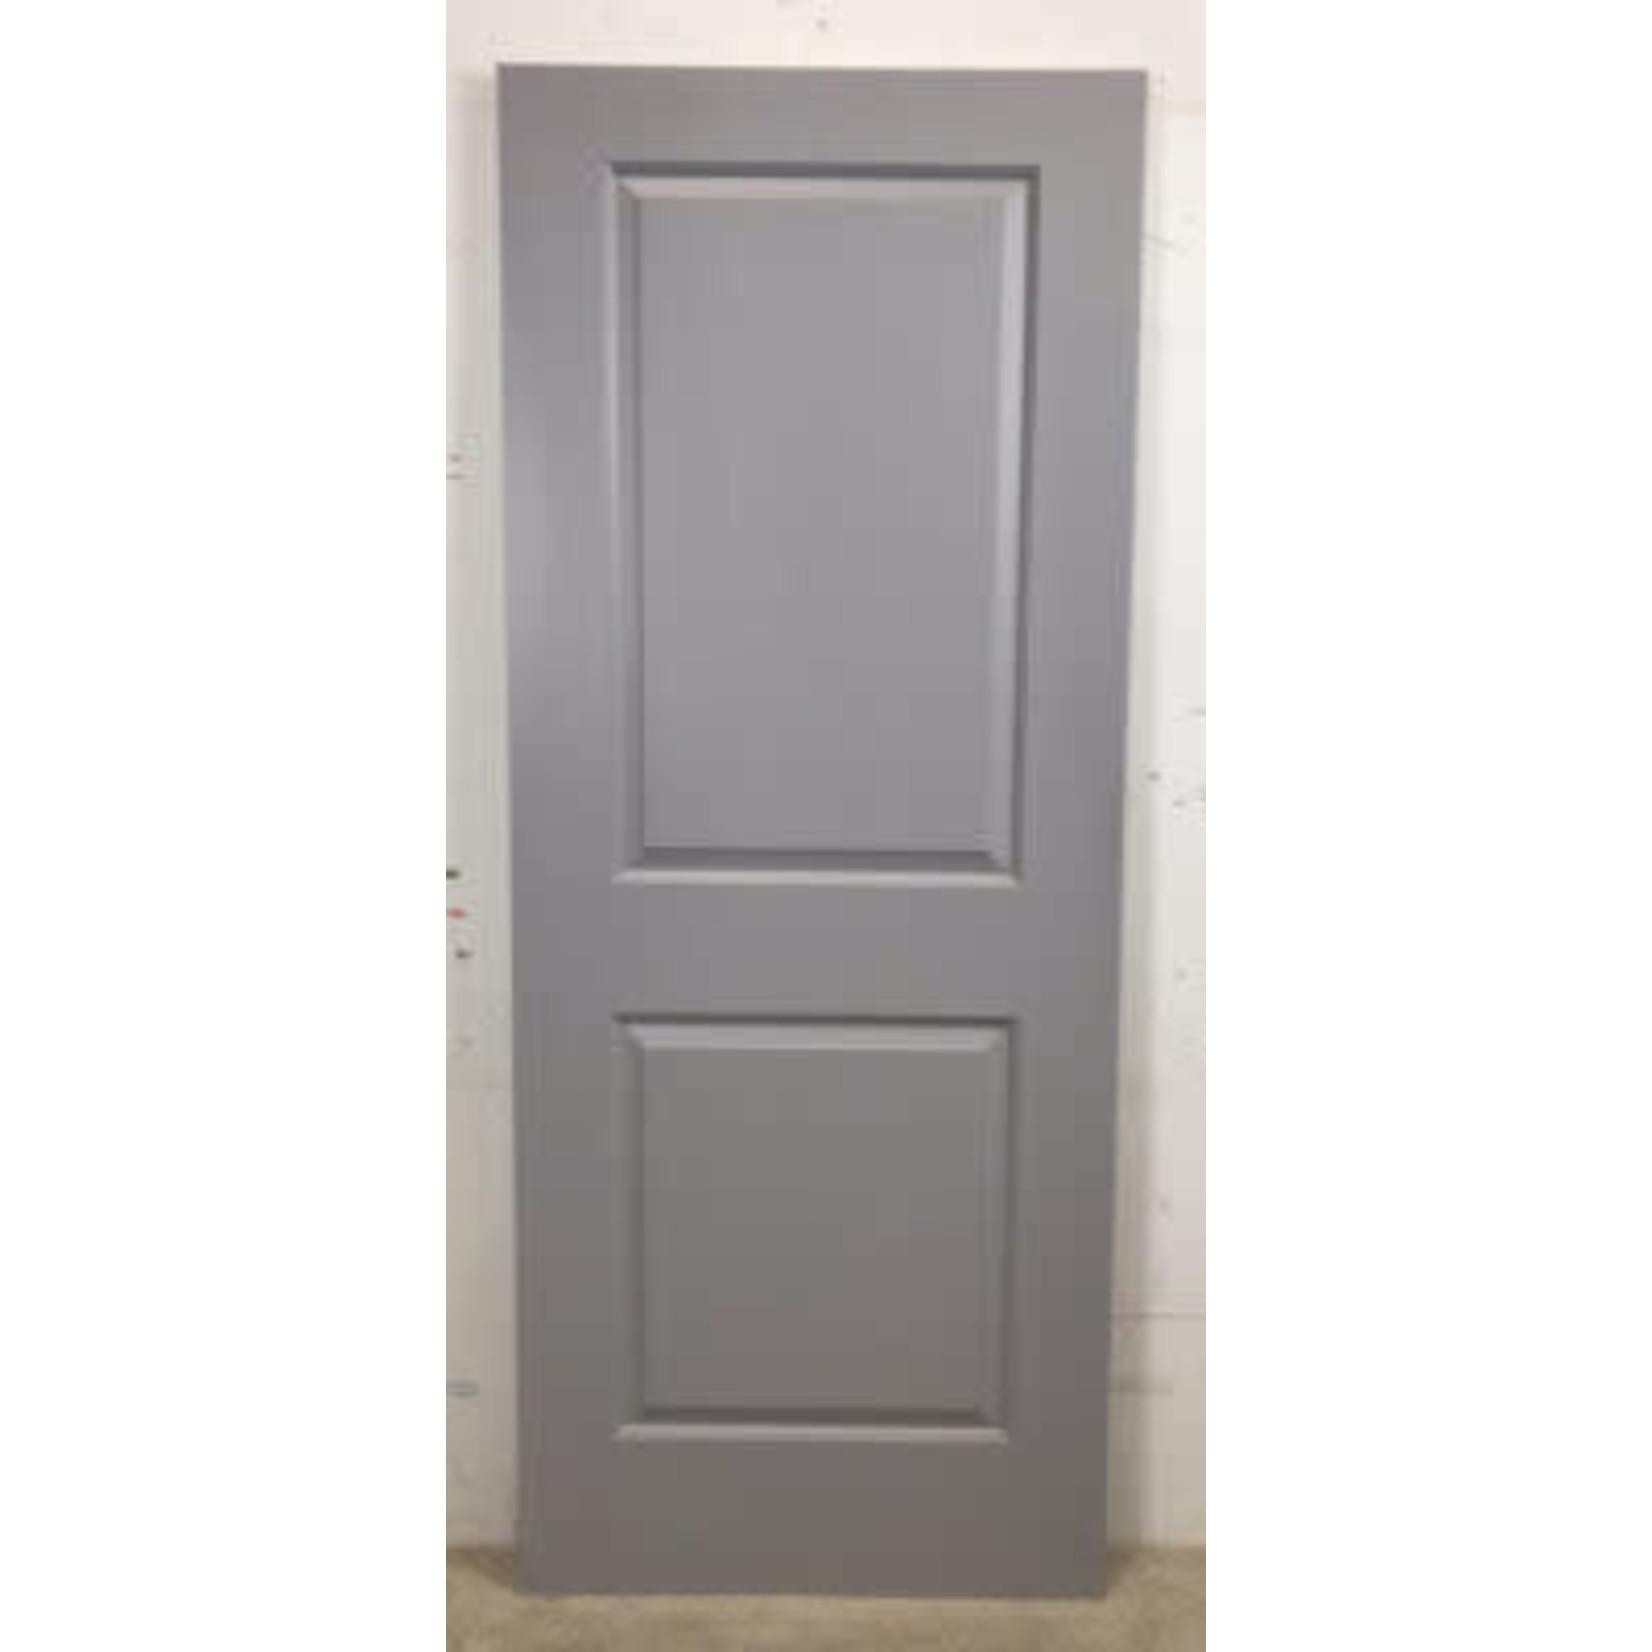 4825 New 2-Panel Grey Hollow-Core Interior Door